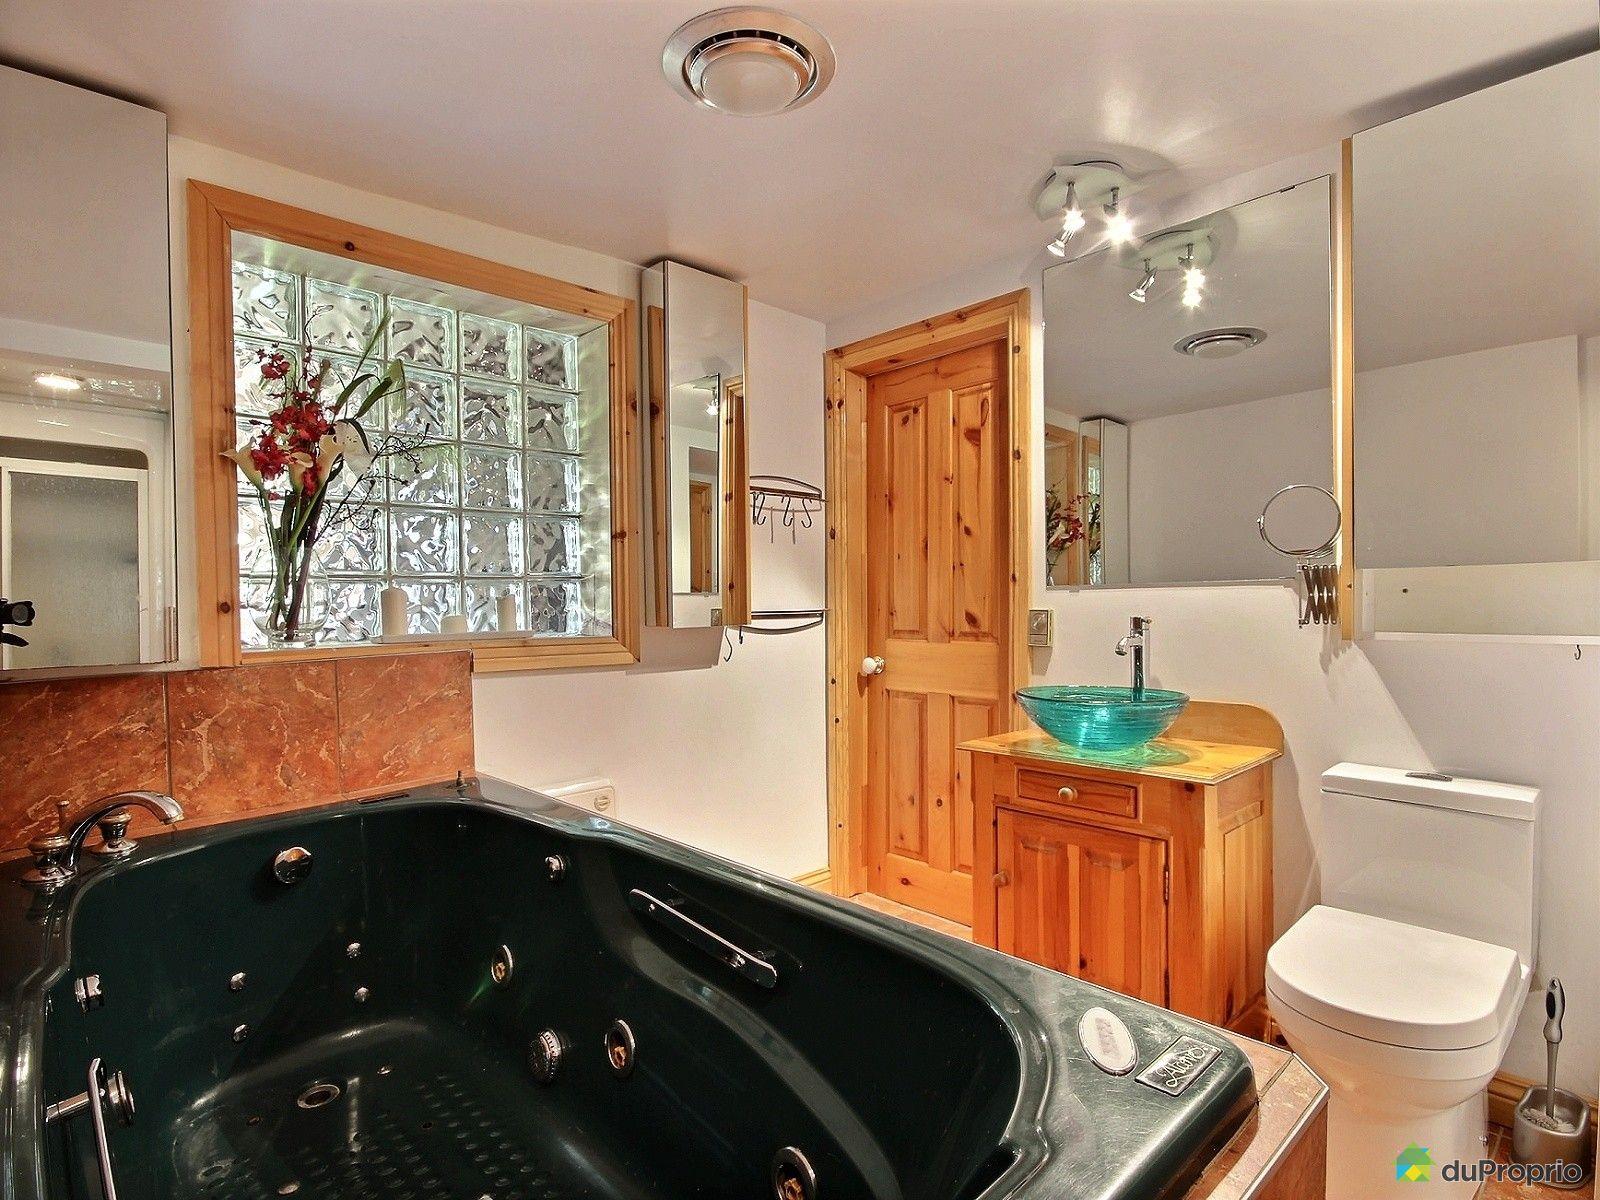 maison vendu orford immobilier qu bec duproprio 536007. Black Bedroom Furniture Sets. Home Design Ideas